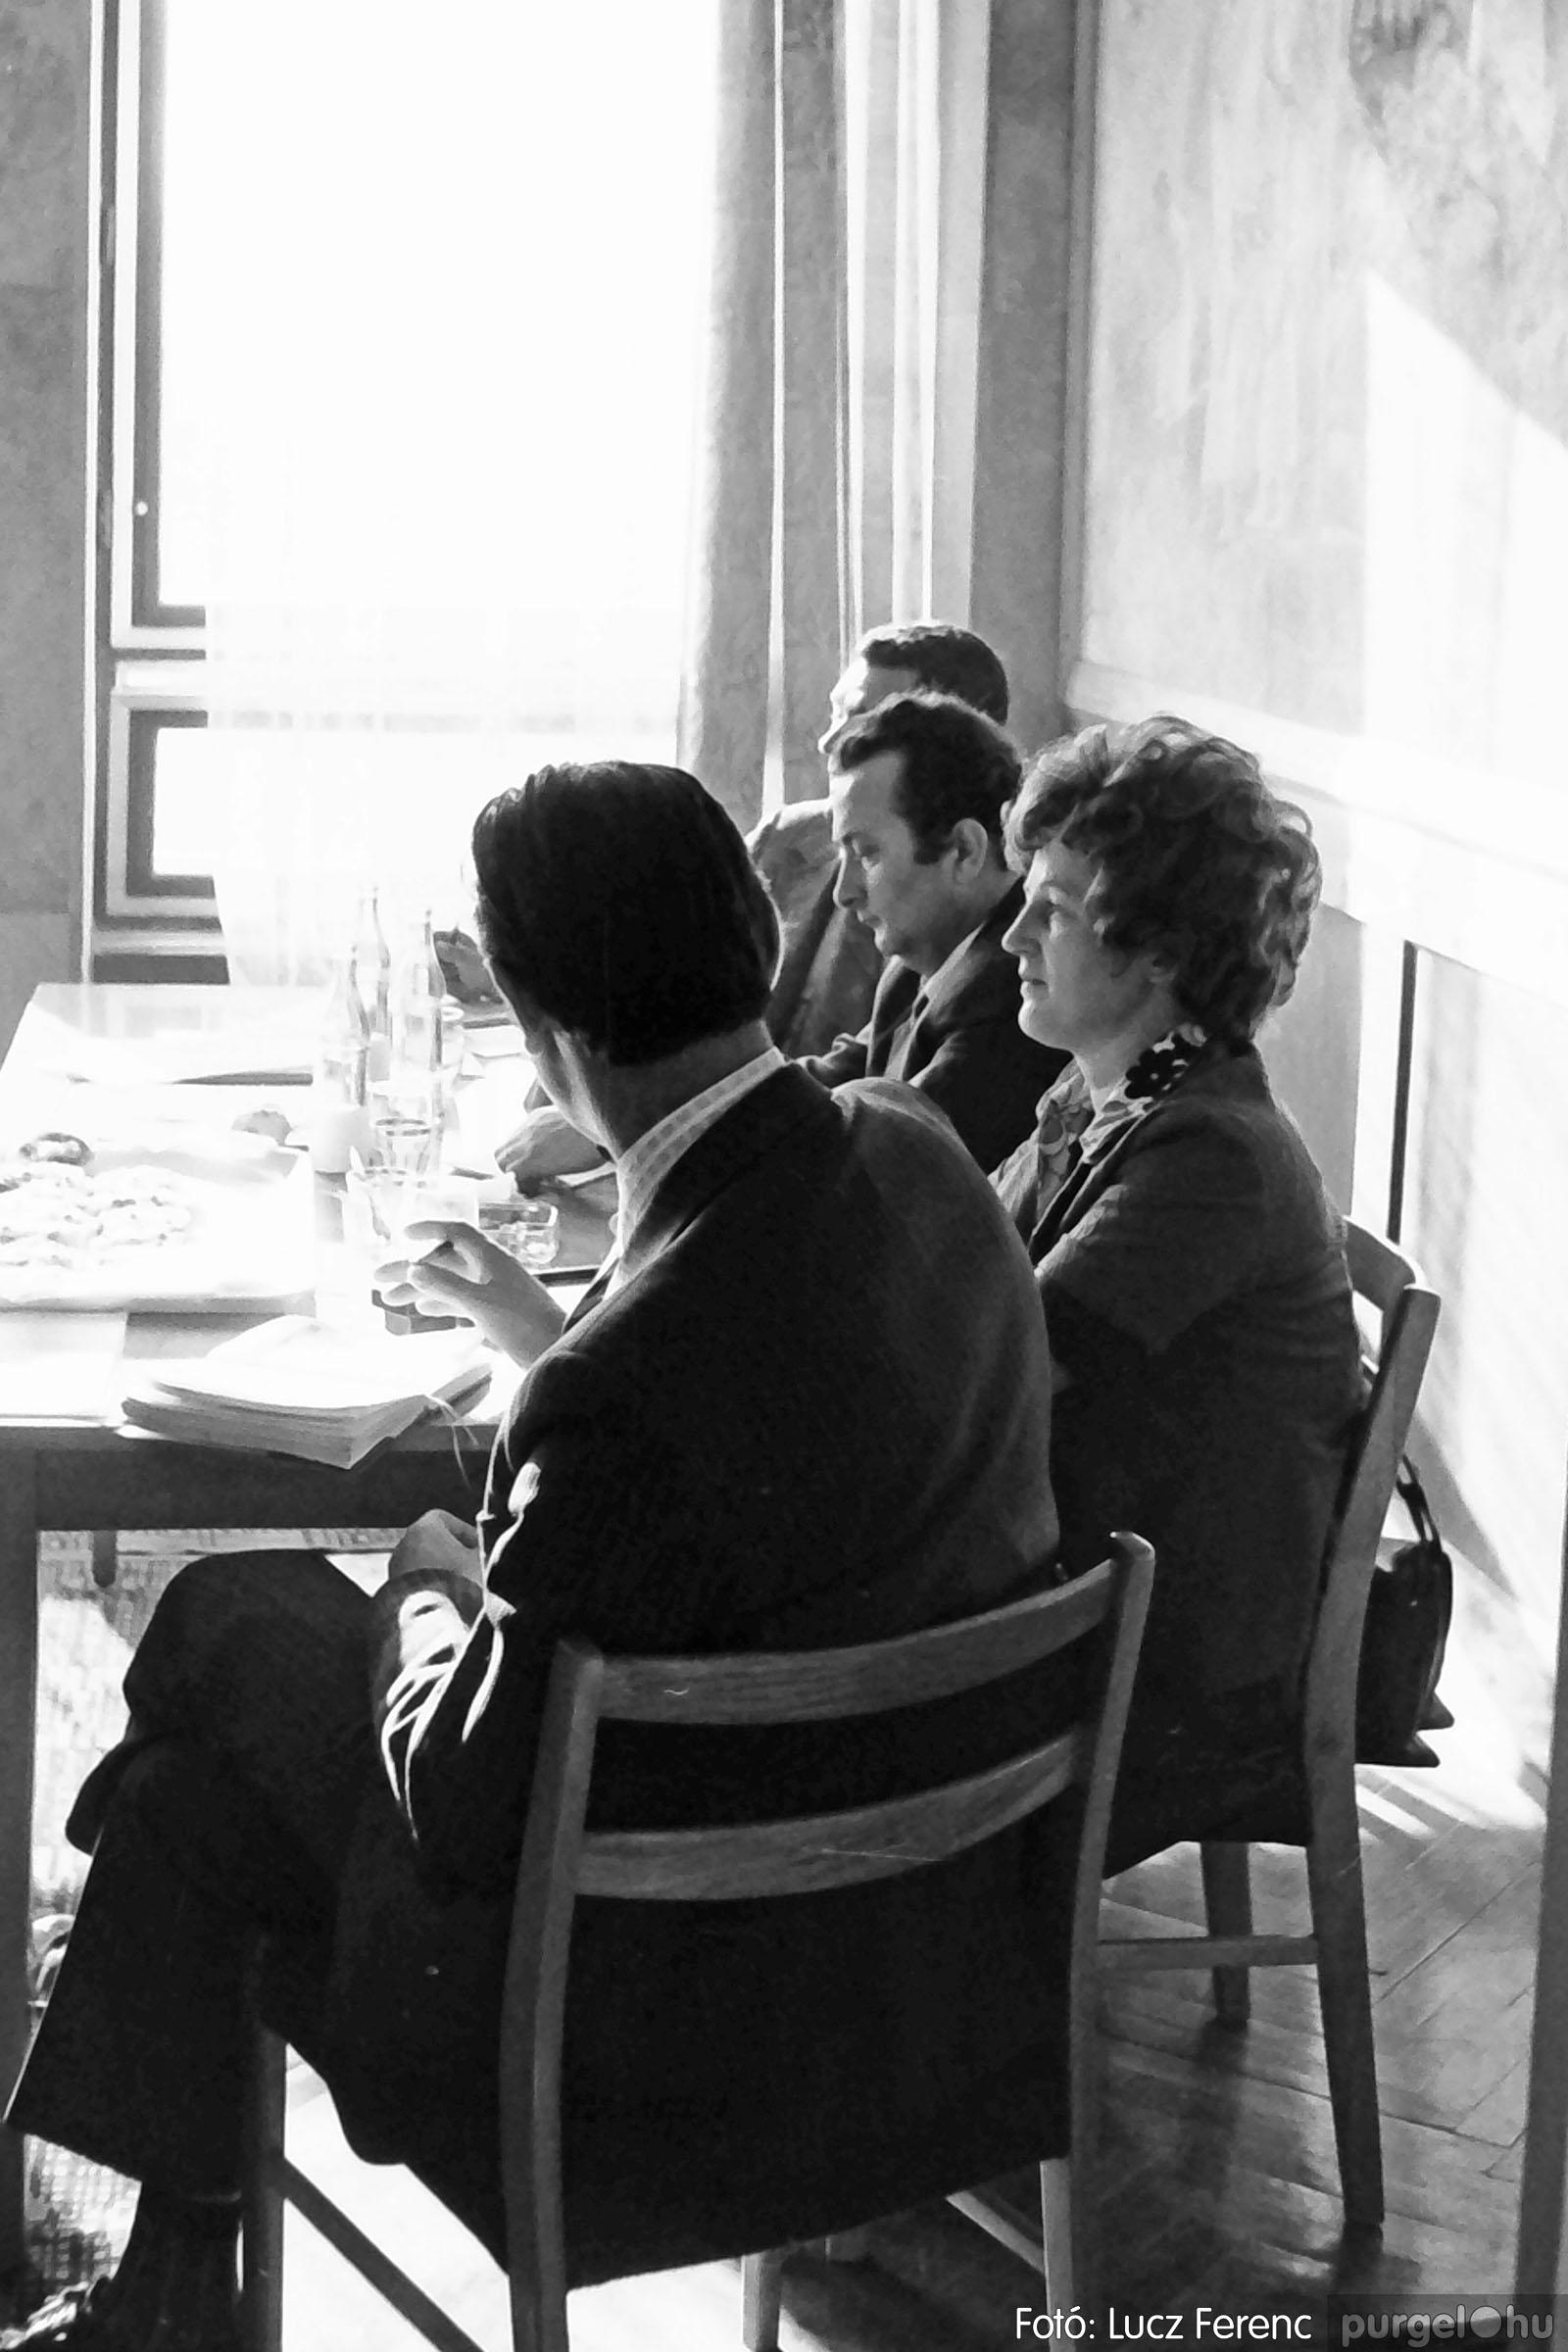 036. 1976. Tanácskozás a pártházban 003 - Fotó: Lucz Ferenc.jpg